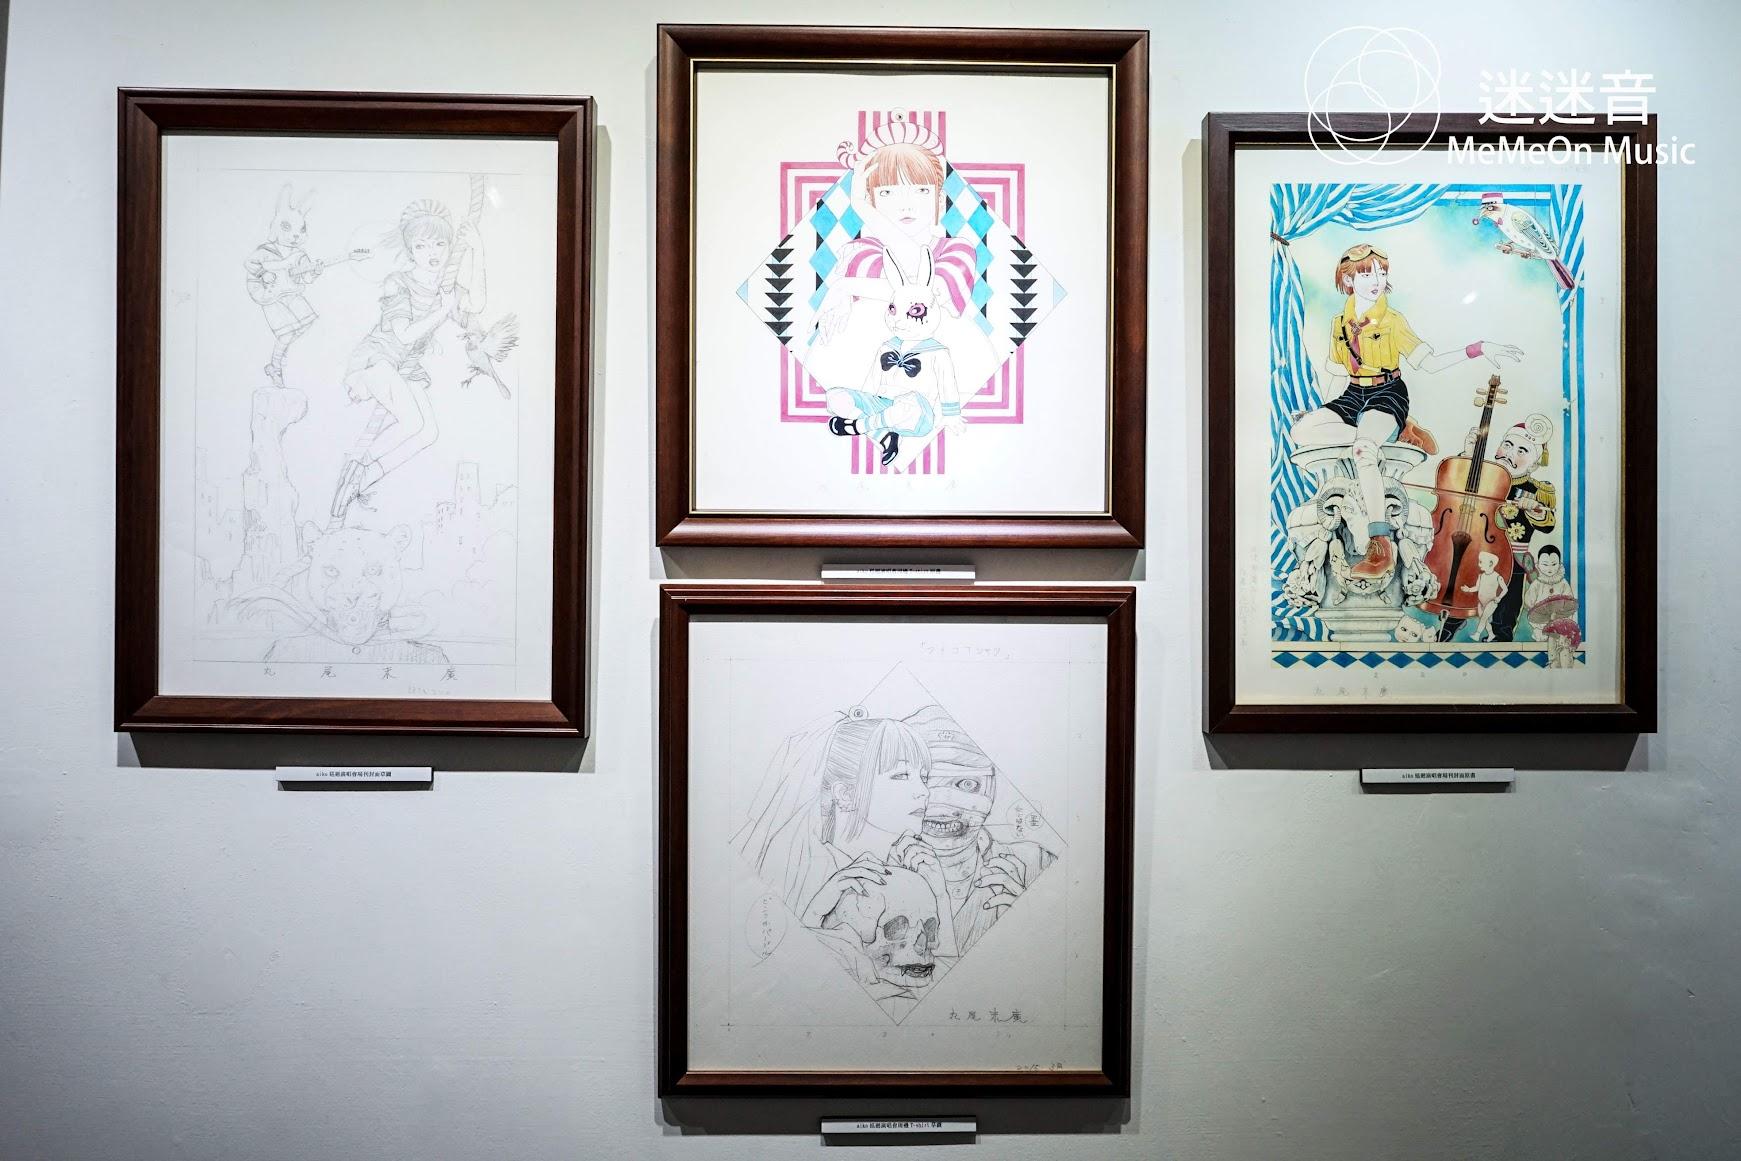 【迷迷現場】異色漫畫大師 丸尾末廣 巡迴展「麗地獄」 aiko、人間椅子、筋肉少女帶 合作視覺圖原畫一同展出